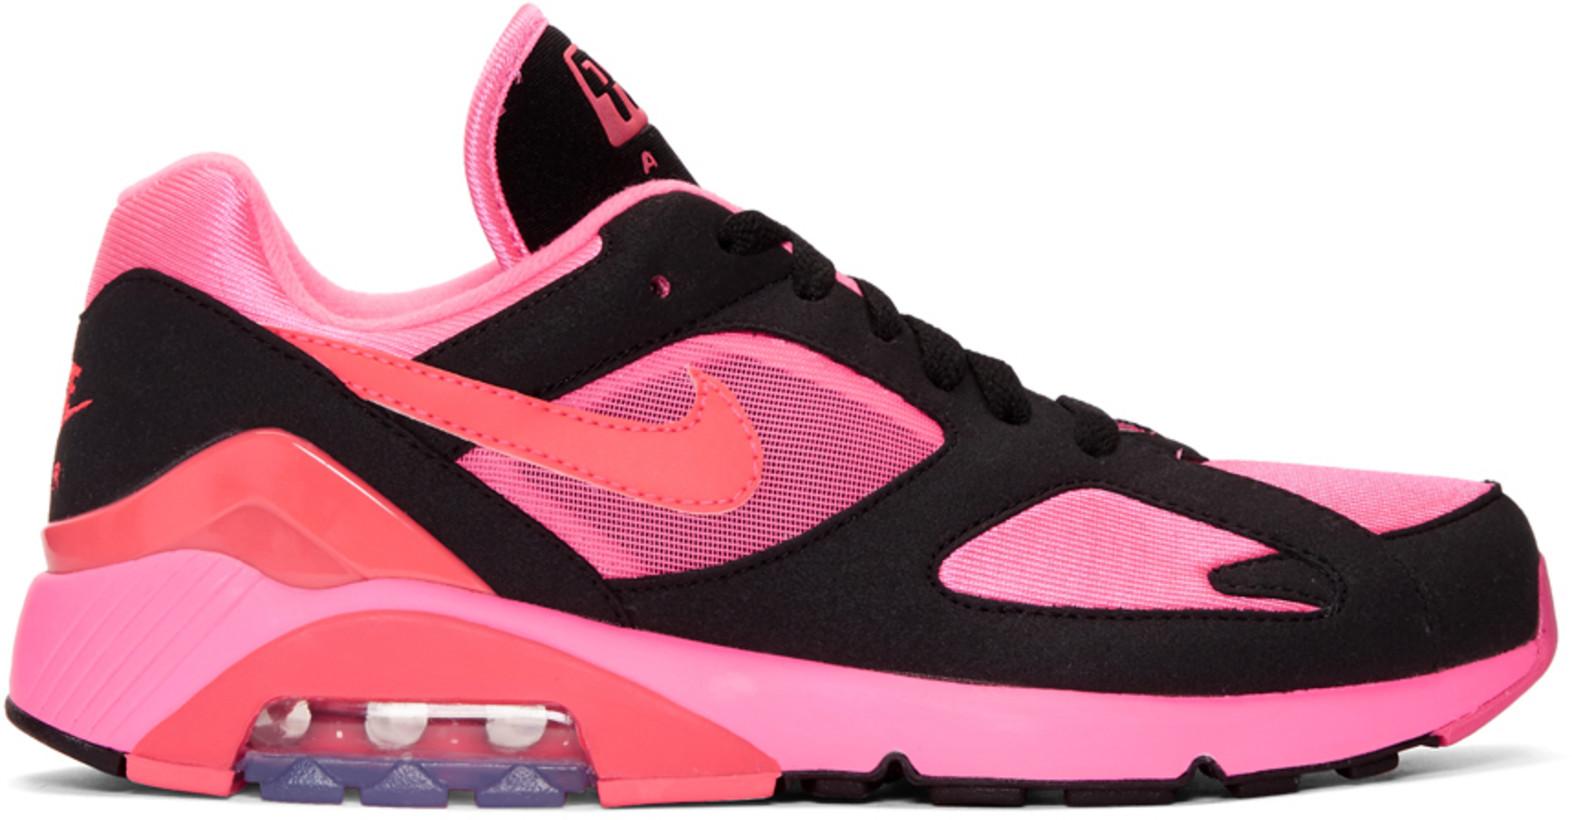 Comme des Garçons Homme Plus Nike Edition Air Max 180 Sneakers $260,  SSENSE.com